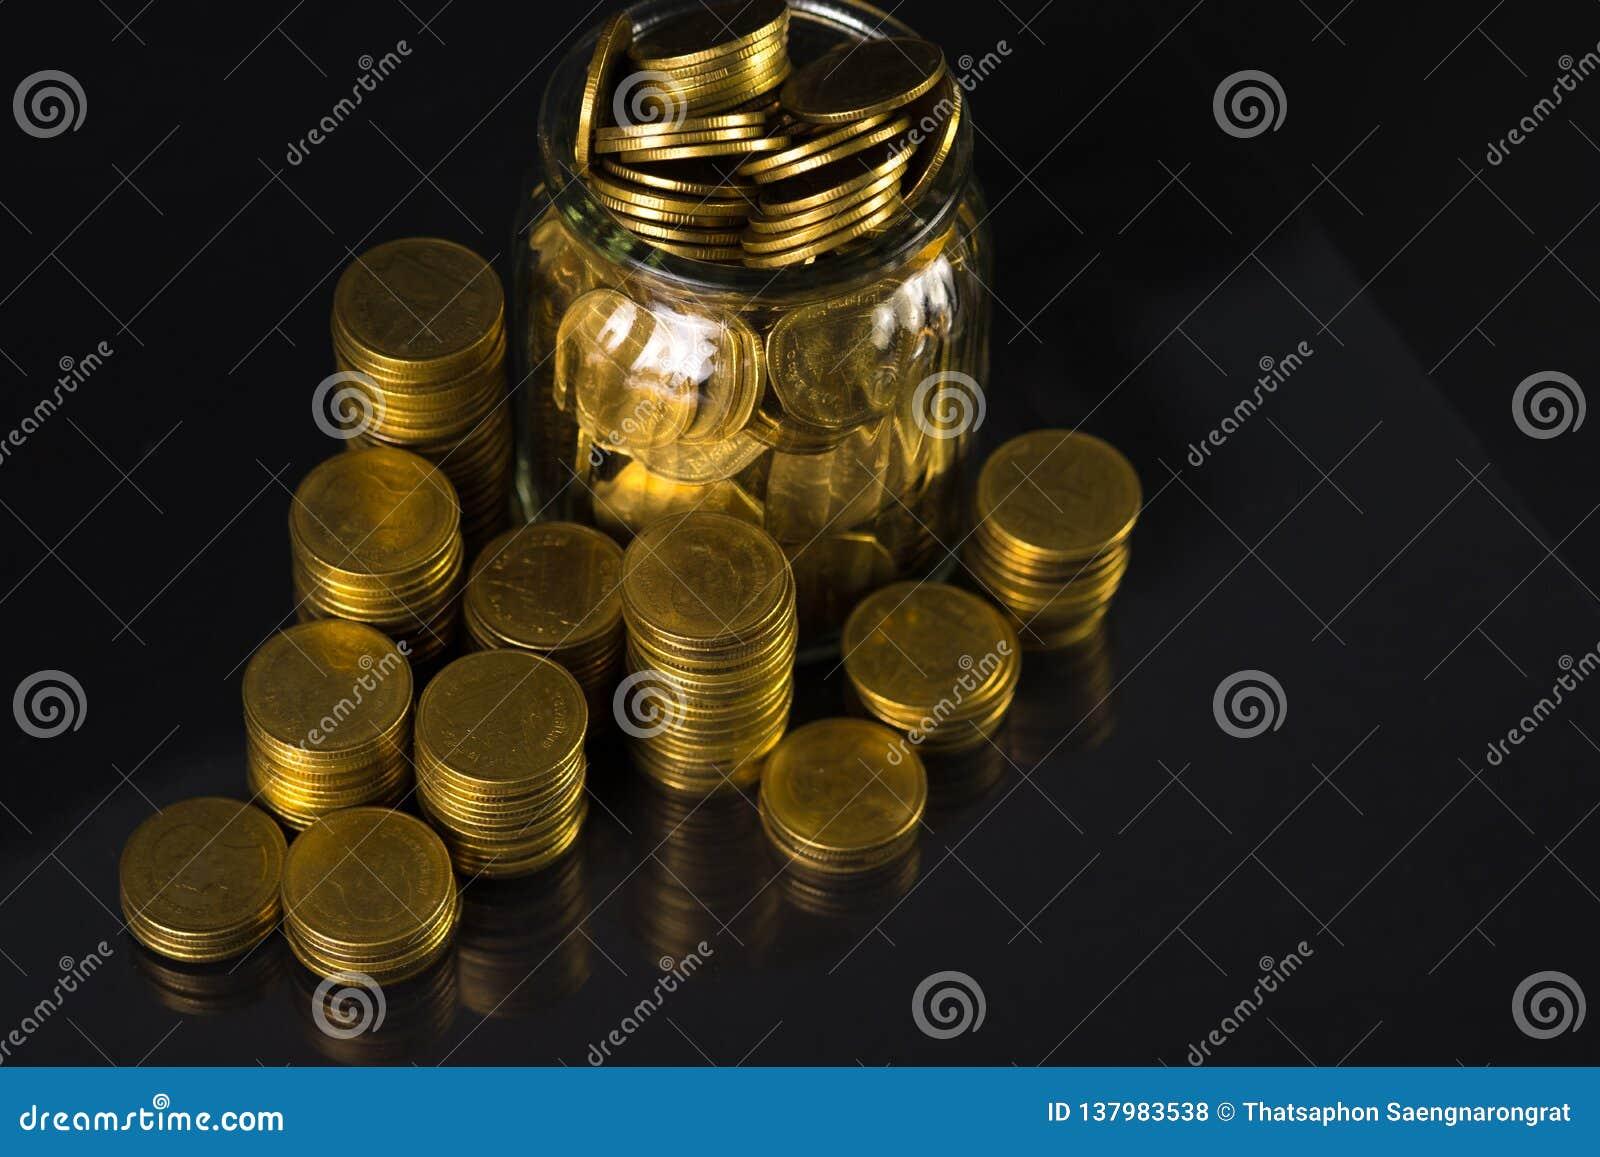 Złocistej monety pieniądze w szklanym słoju na ciemnym tle, dato che finansują pojęcie